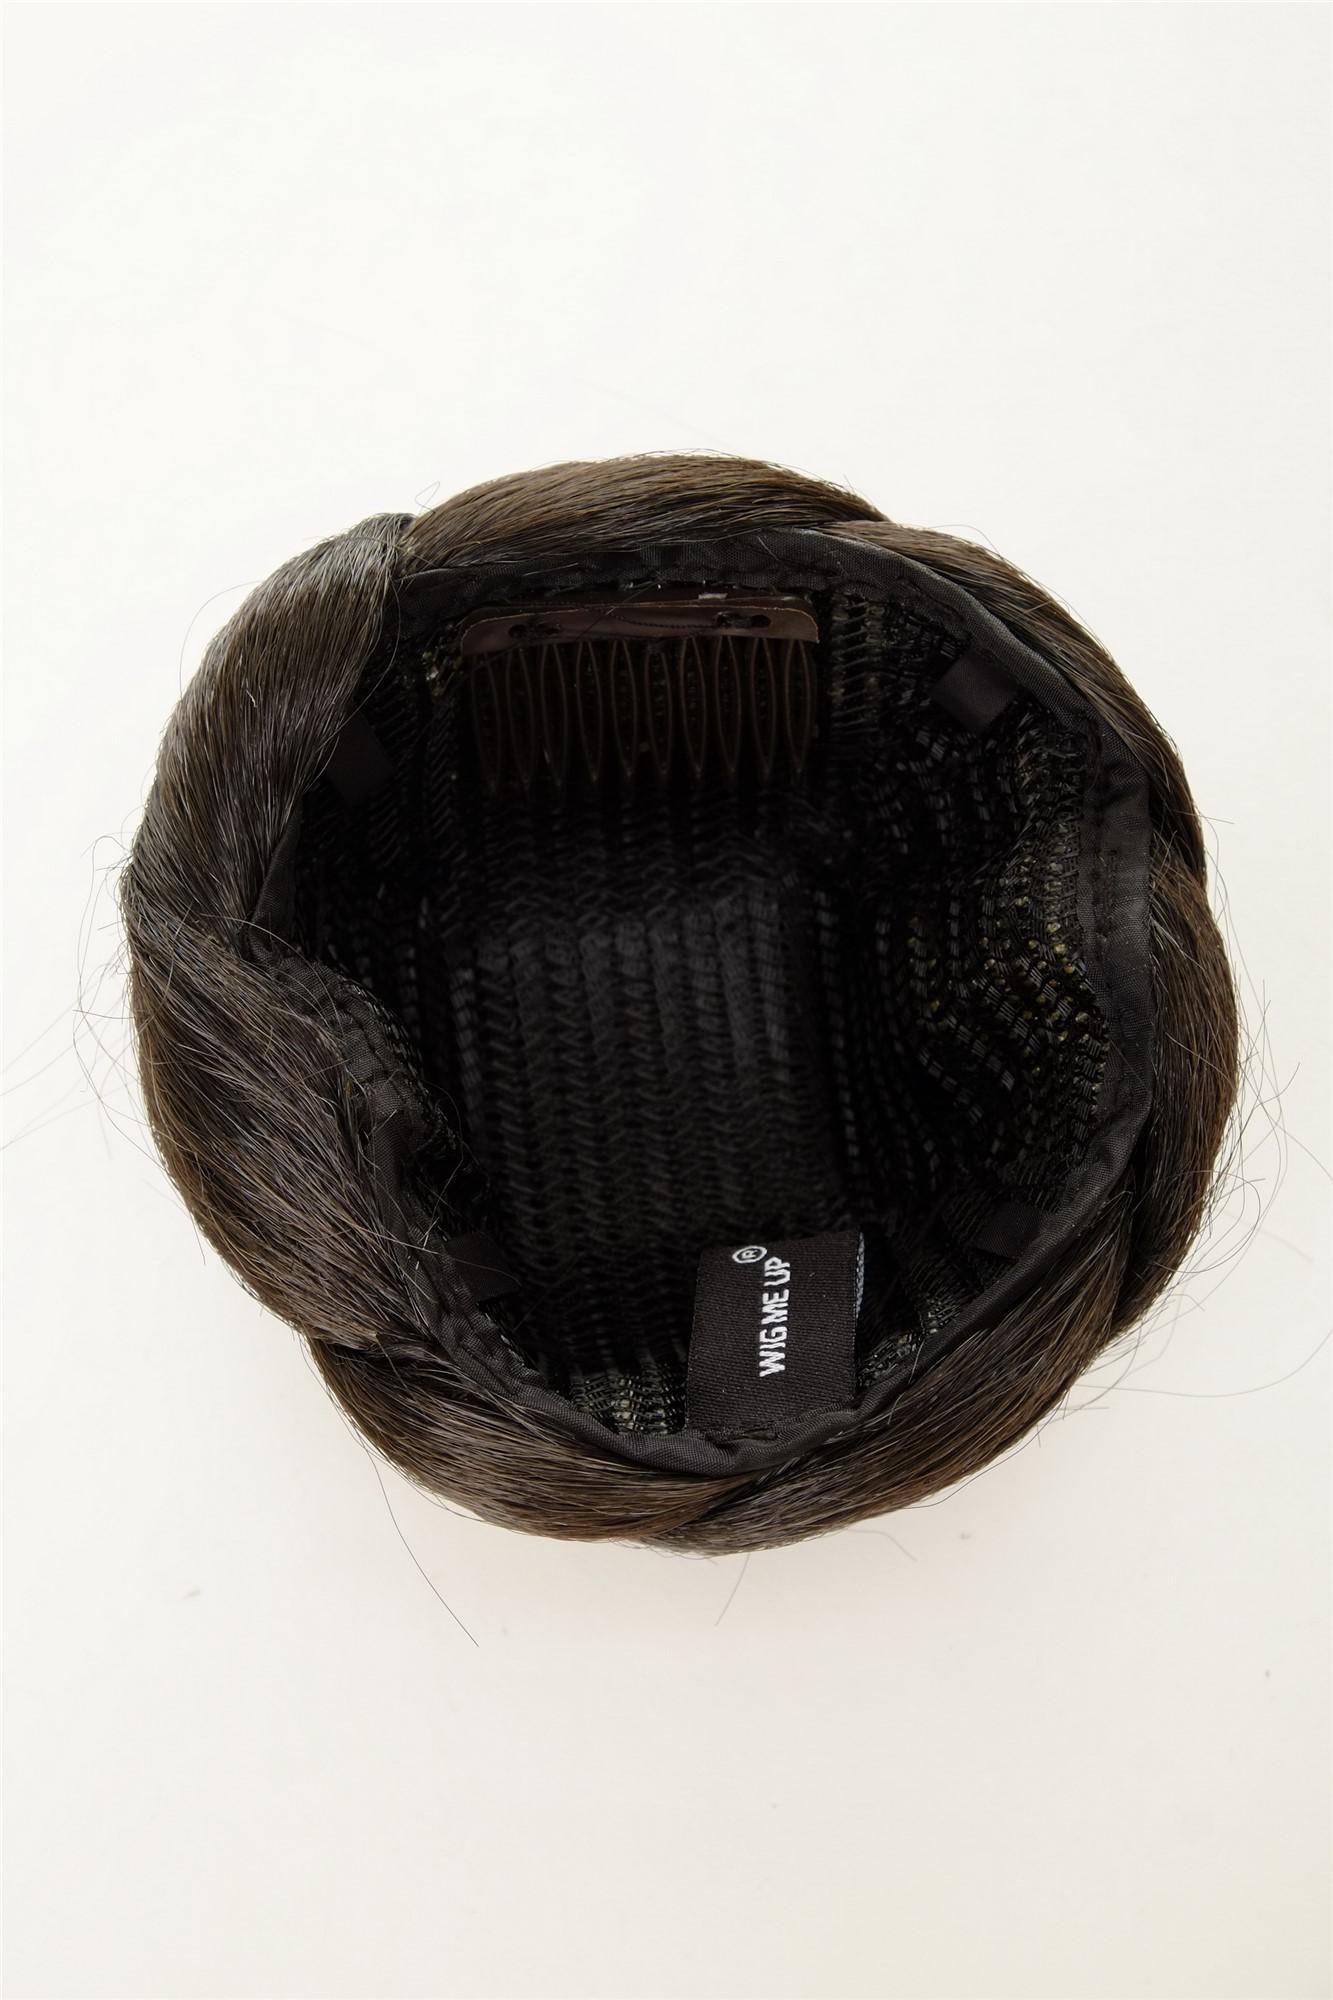 aufwendig geflochten haarknoten dutt haarteil kamm haarnadel schwarz n672 2 kaufen bei vk. Black Bedroom Furniture Sets. Home Design Ideas